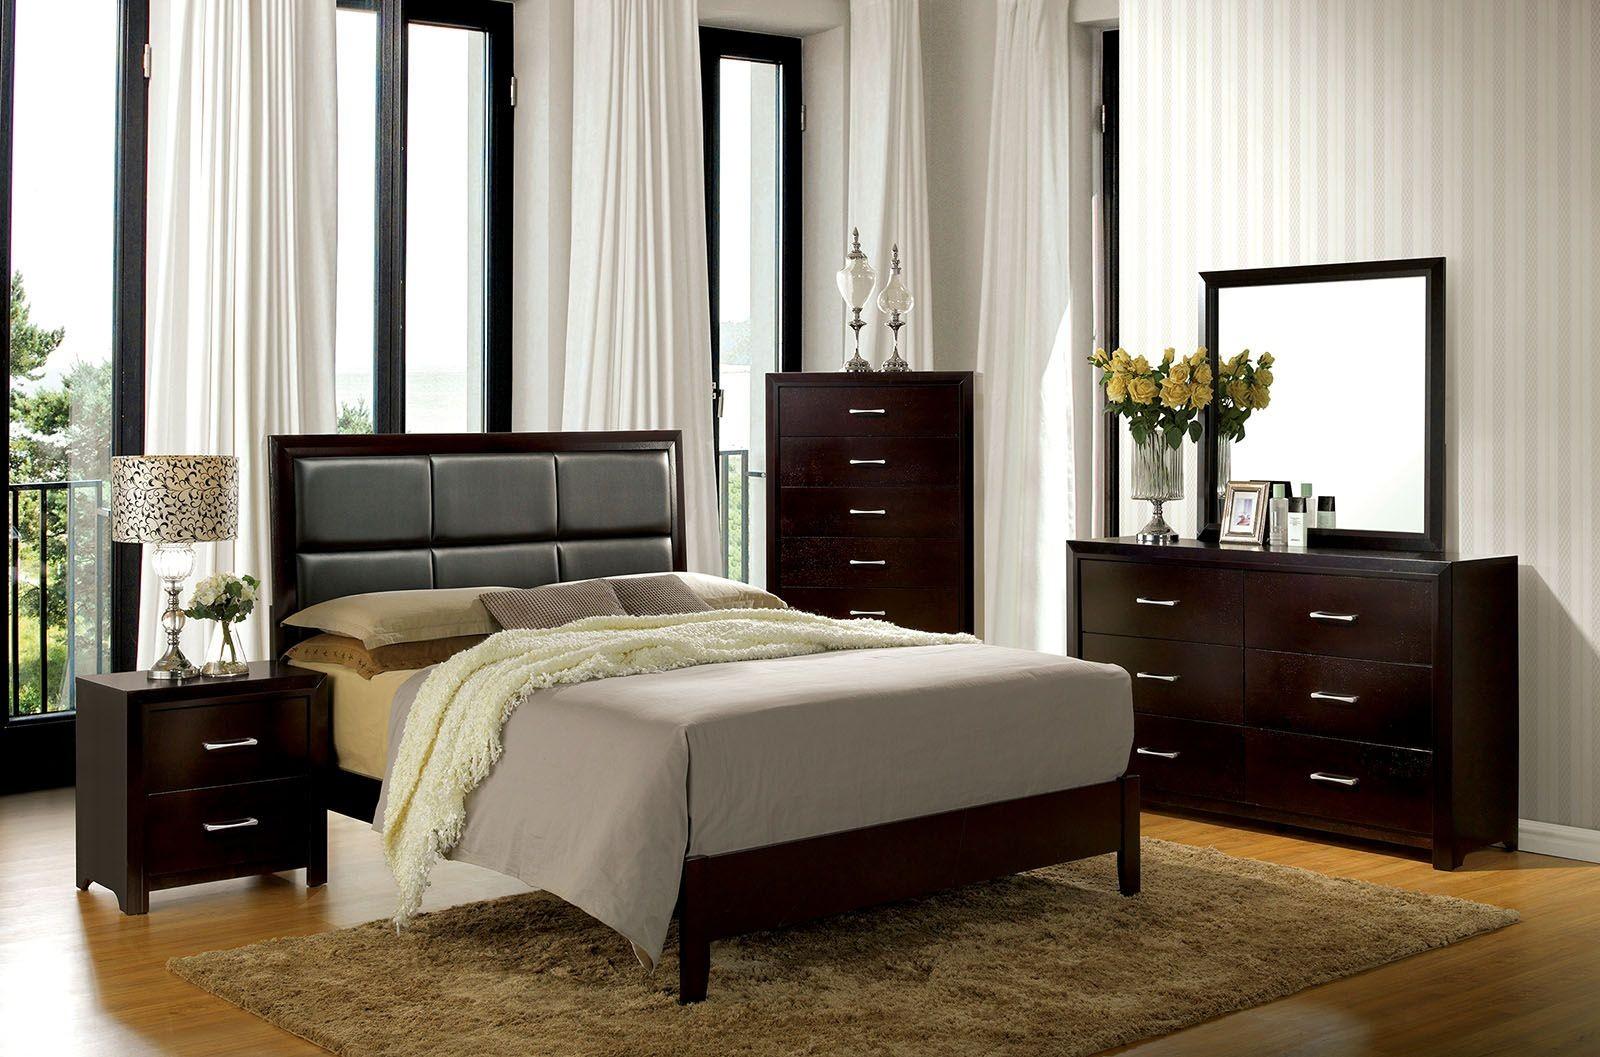 Janine espresso youth upholstered platform bedroom set cm7868f furniture of america - Juvenile bedroom sets ...